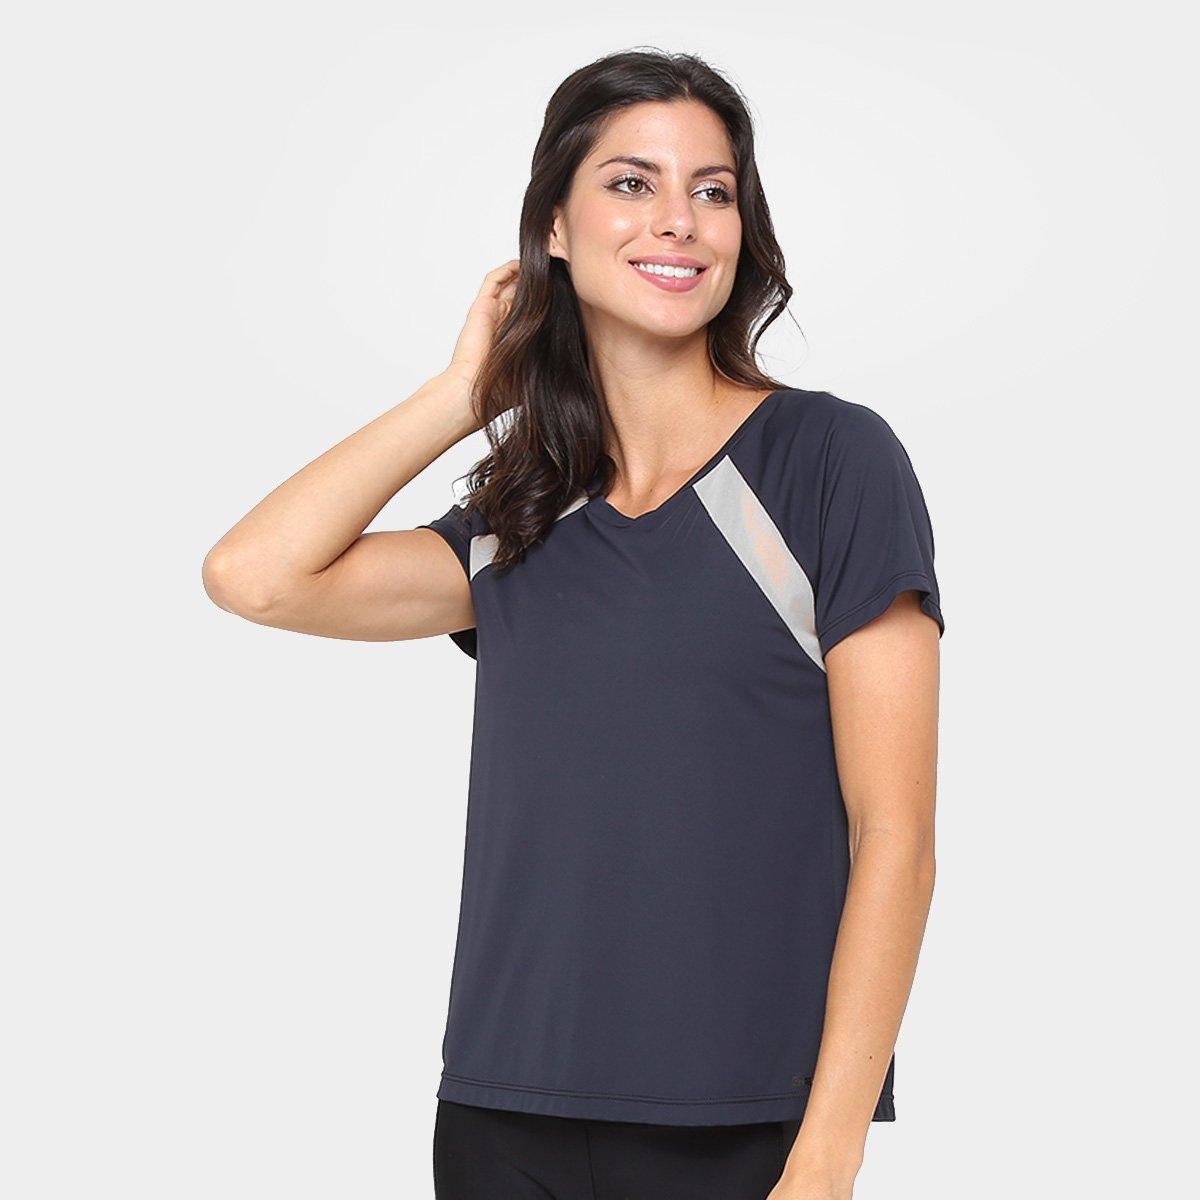 Tule Memo Tule Faixa Memo Faixa Feminina Camiseta Feminina Faixa Preto Memo Camiseta Preto Camiseta Fq1E1d4